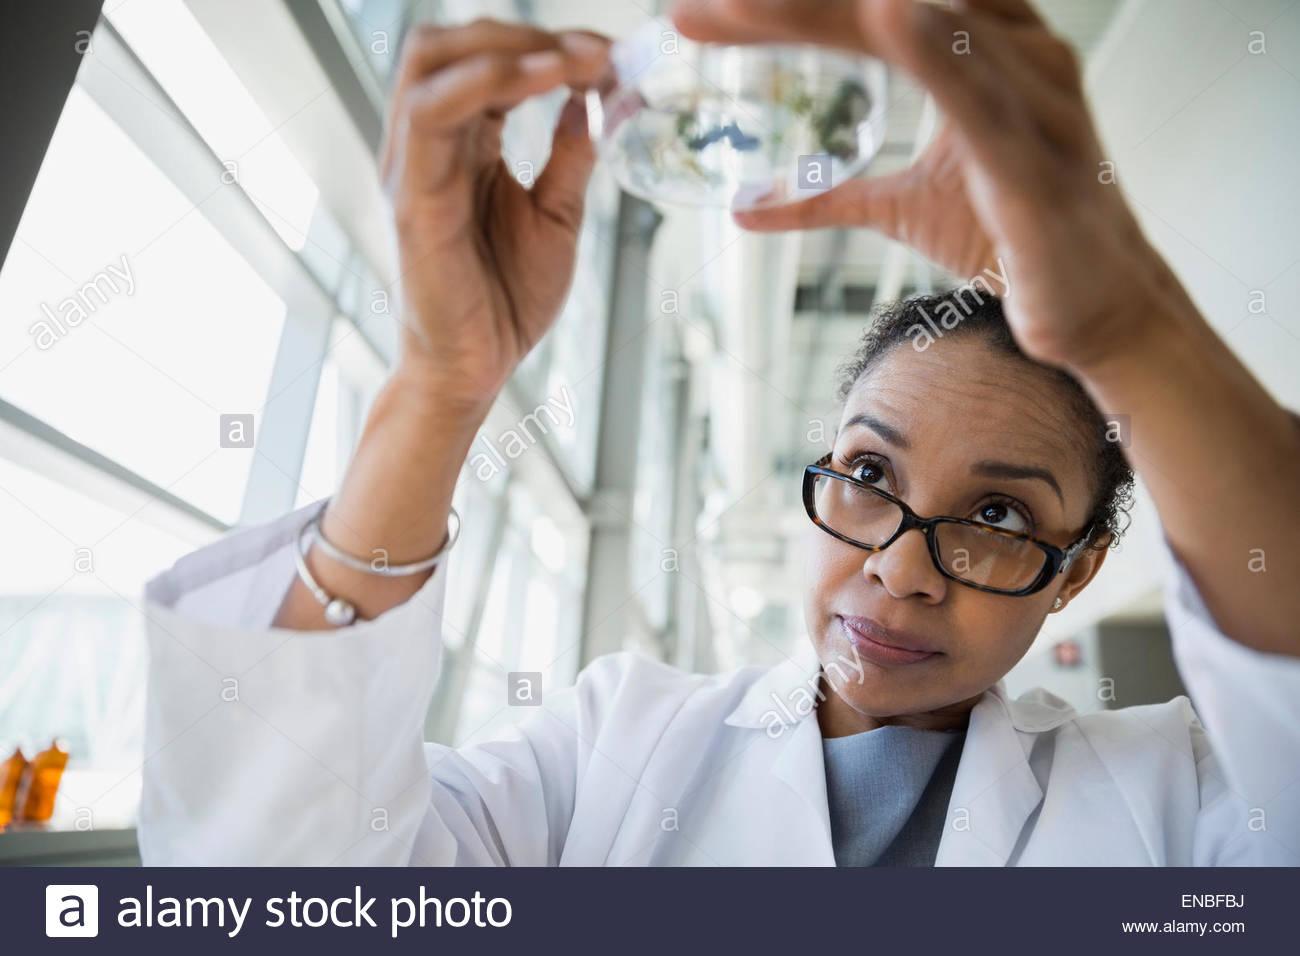 Wissenschaftler untersuchen Petrischale Stockfoto